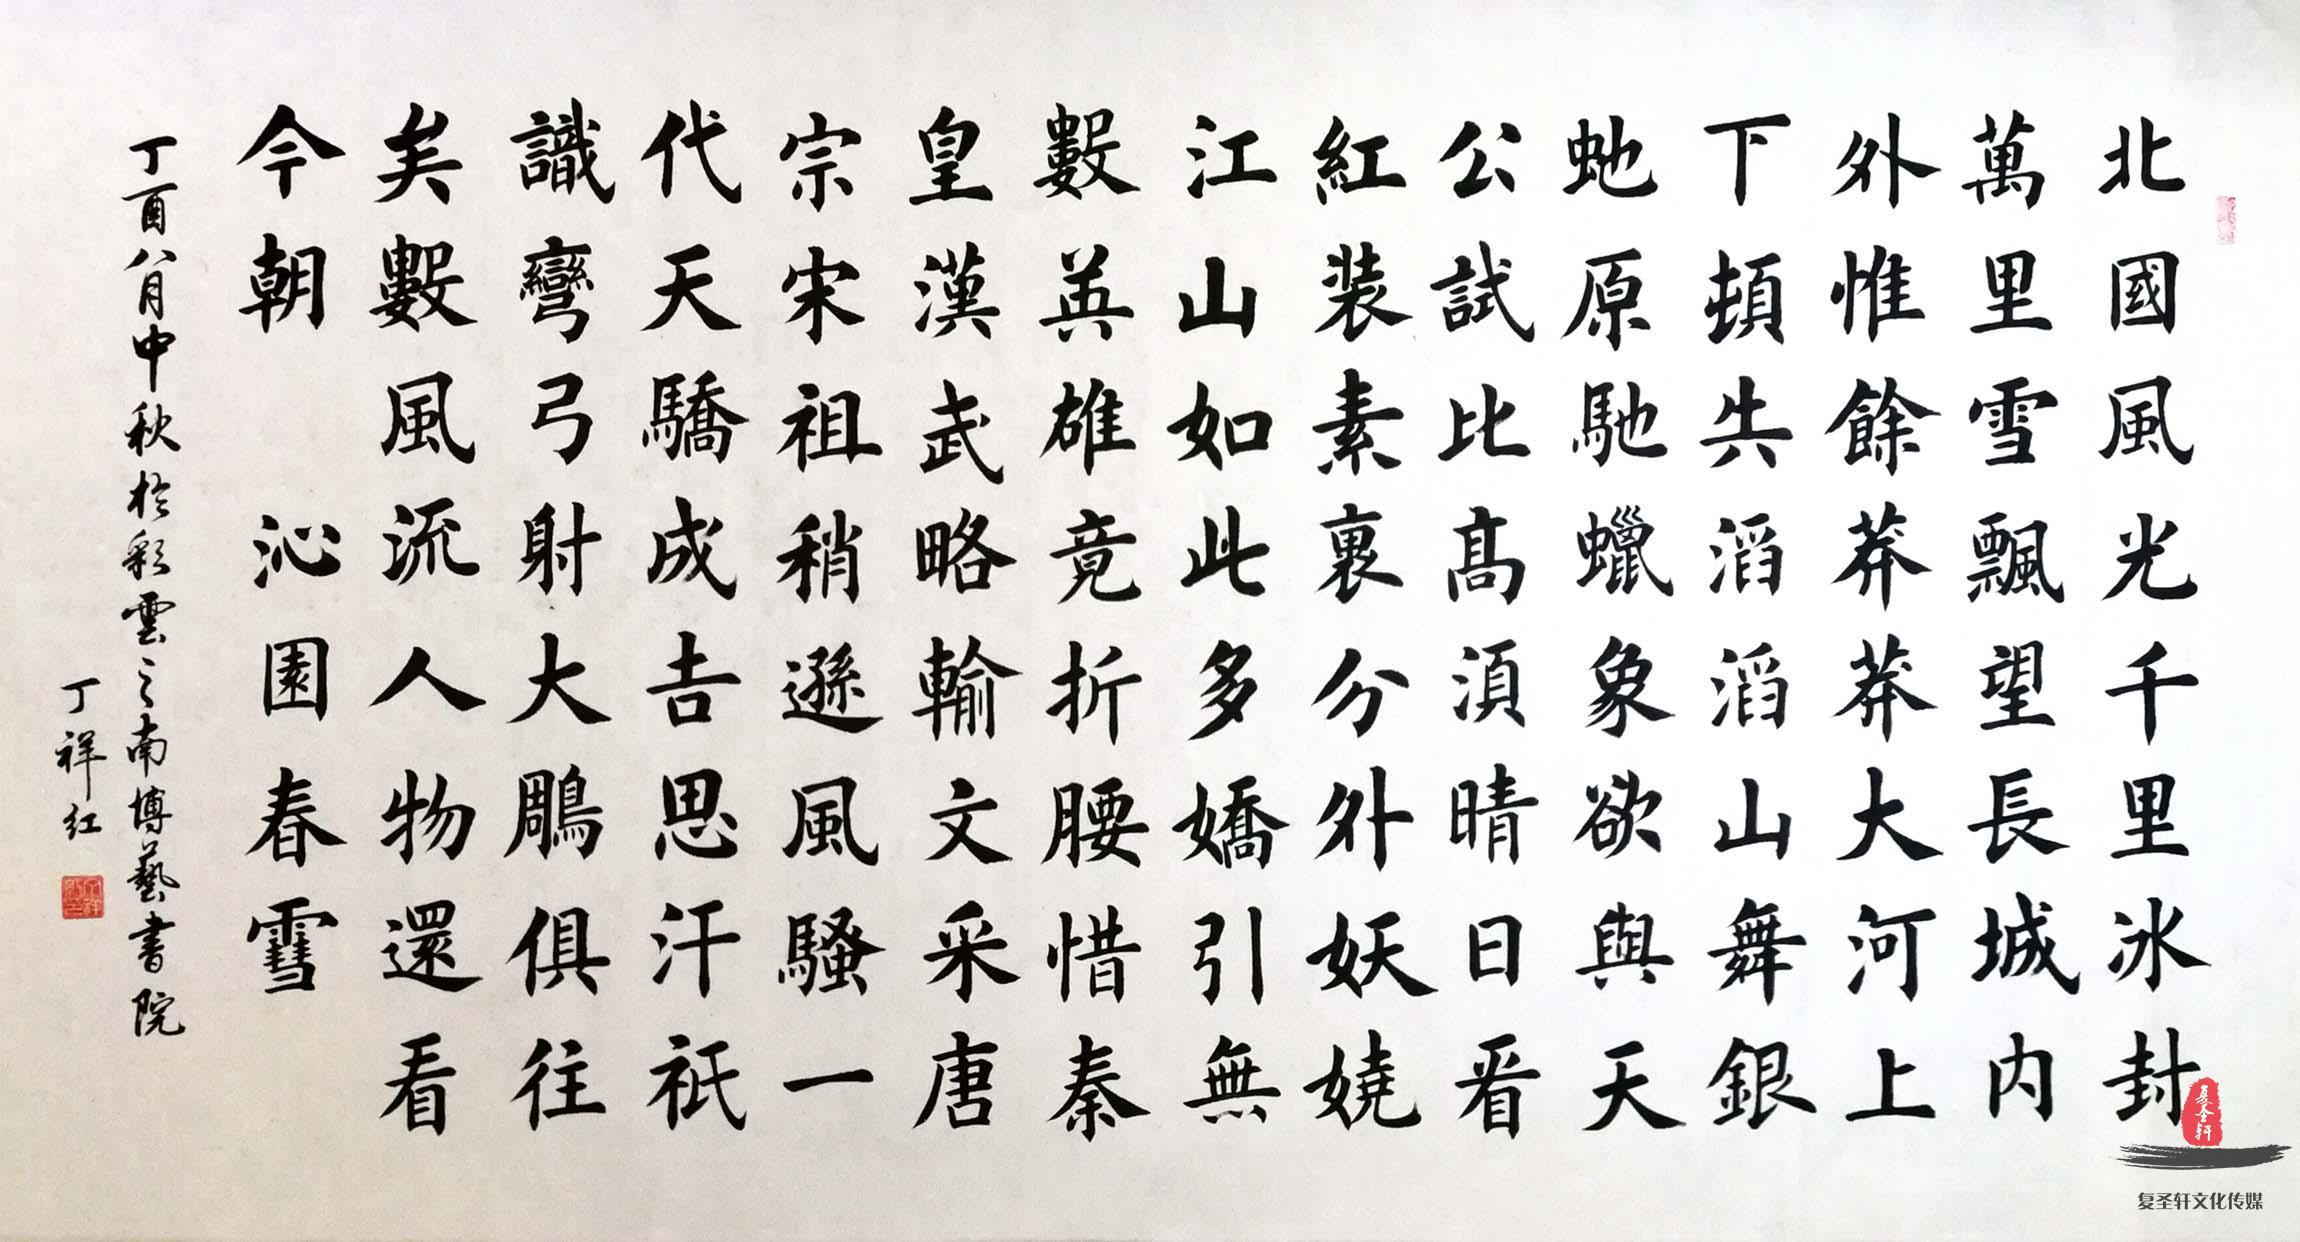 丁祥红书法诗词《沁园春雪》-复圣轩字画图片